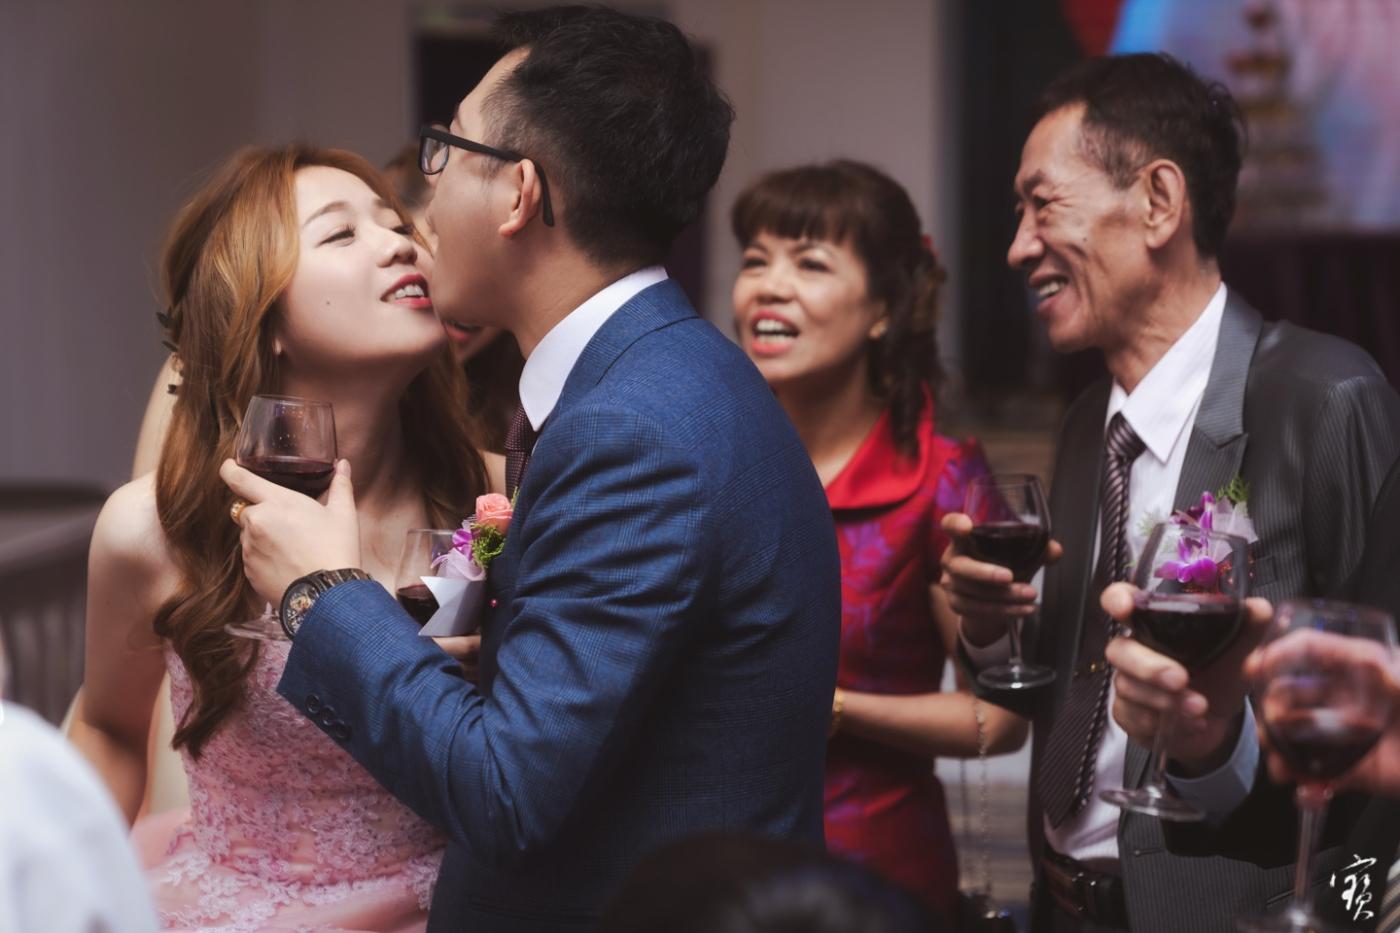 桃園婚禮 晶麒莊園 婚禮攝影 攝影師大寶 北部攝影 桃園攝影 新竹攝影 台北攝影 婚攝 早儀晚宴 1071014-97